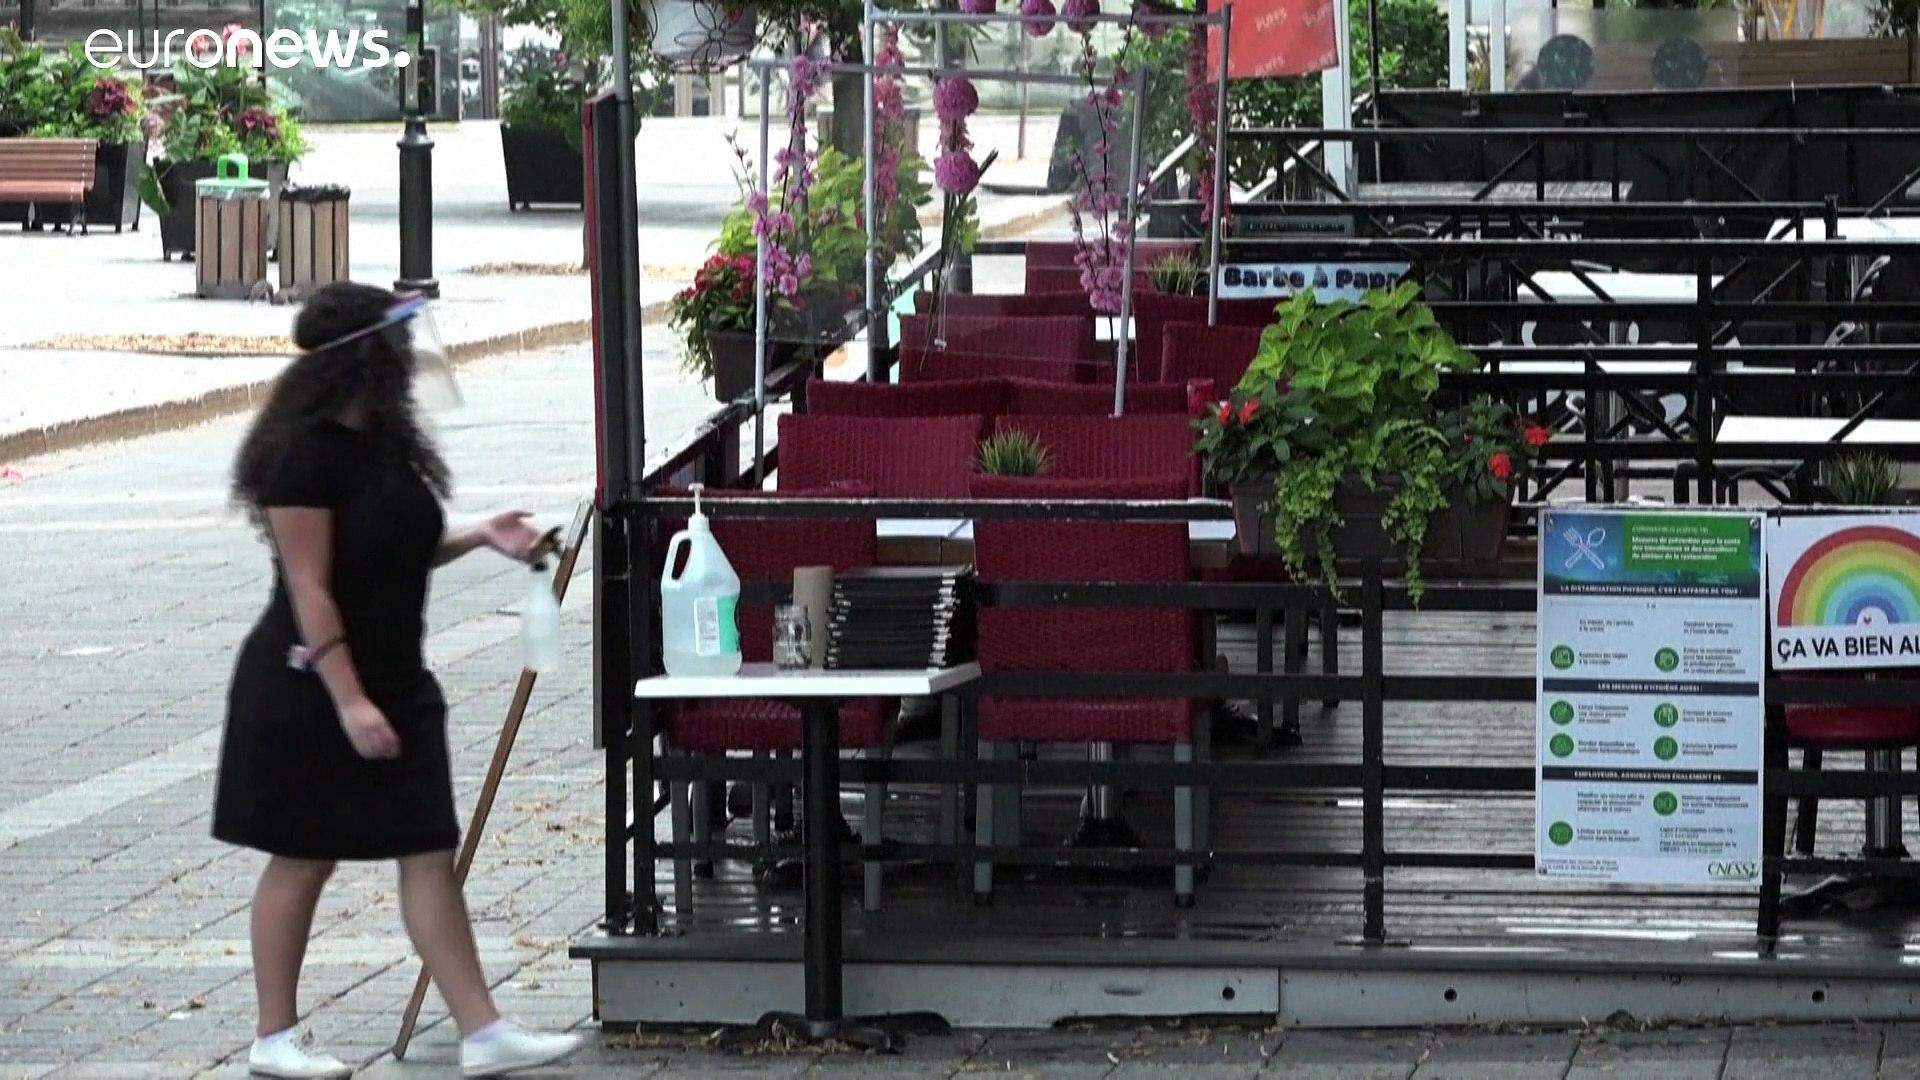 صيف كئيب  في غياب الزوار الأجانب بسبب كوفيد-19  في مونتريال